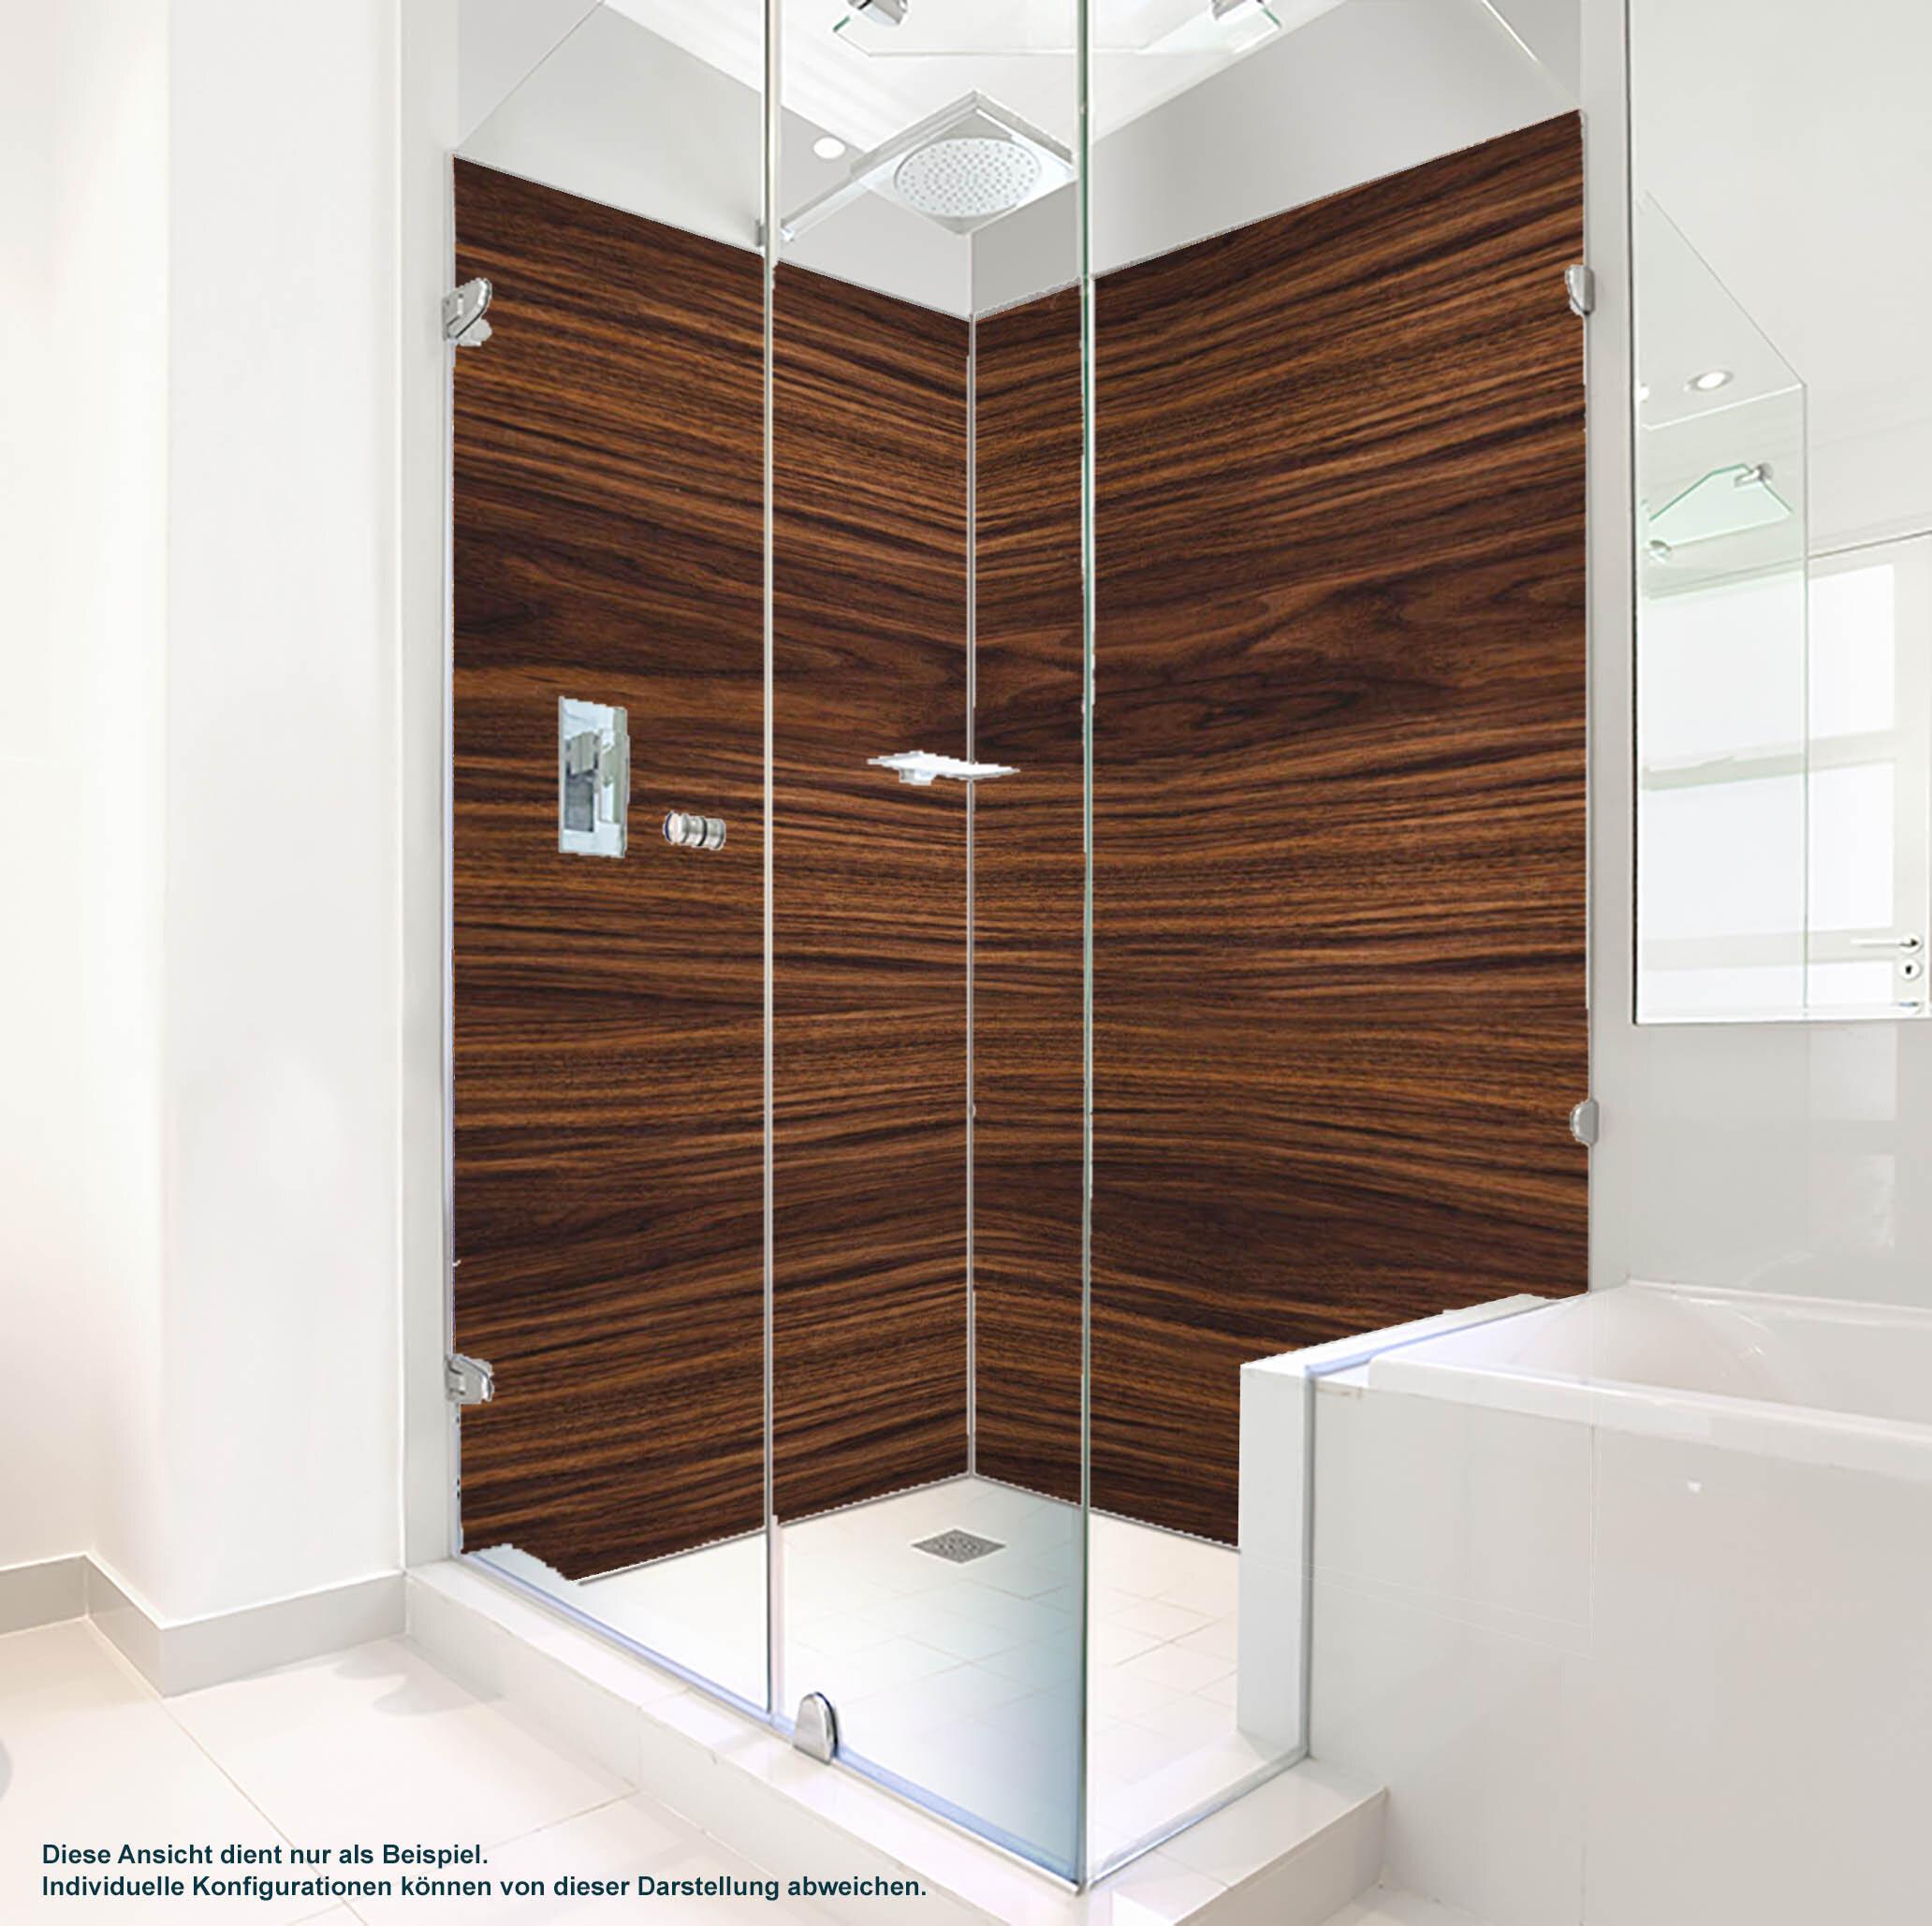 Dusche PlateART Duschrückwand mit Motiv Holzoptik Braun